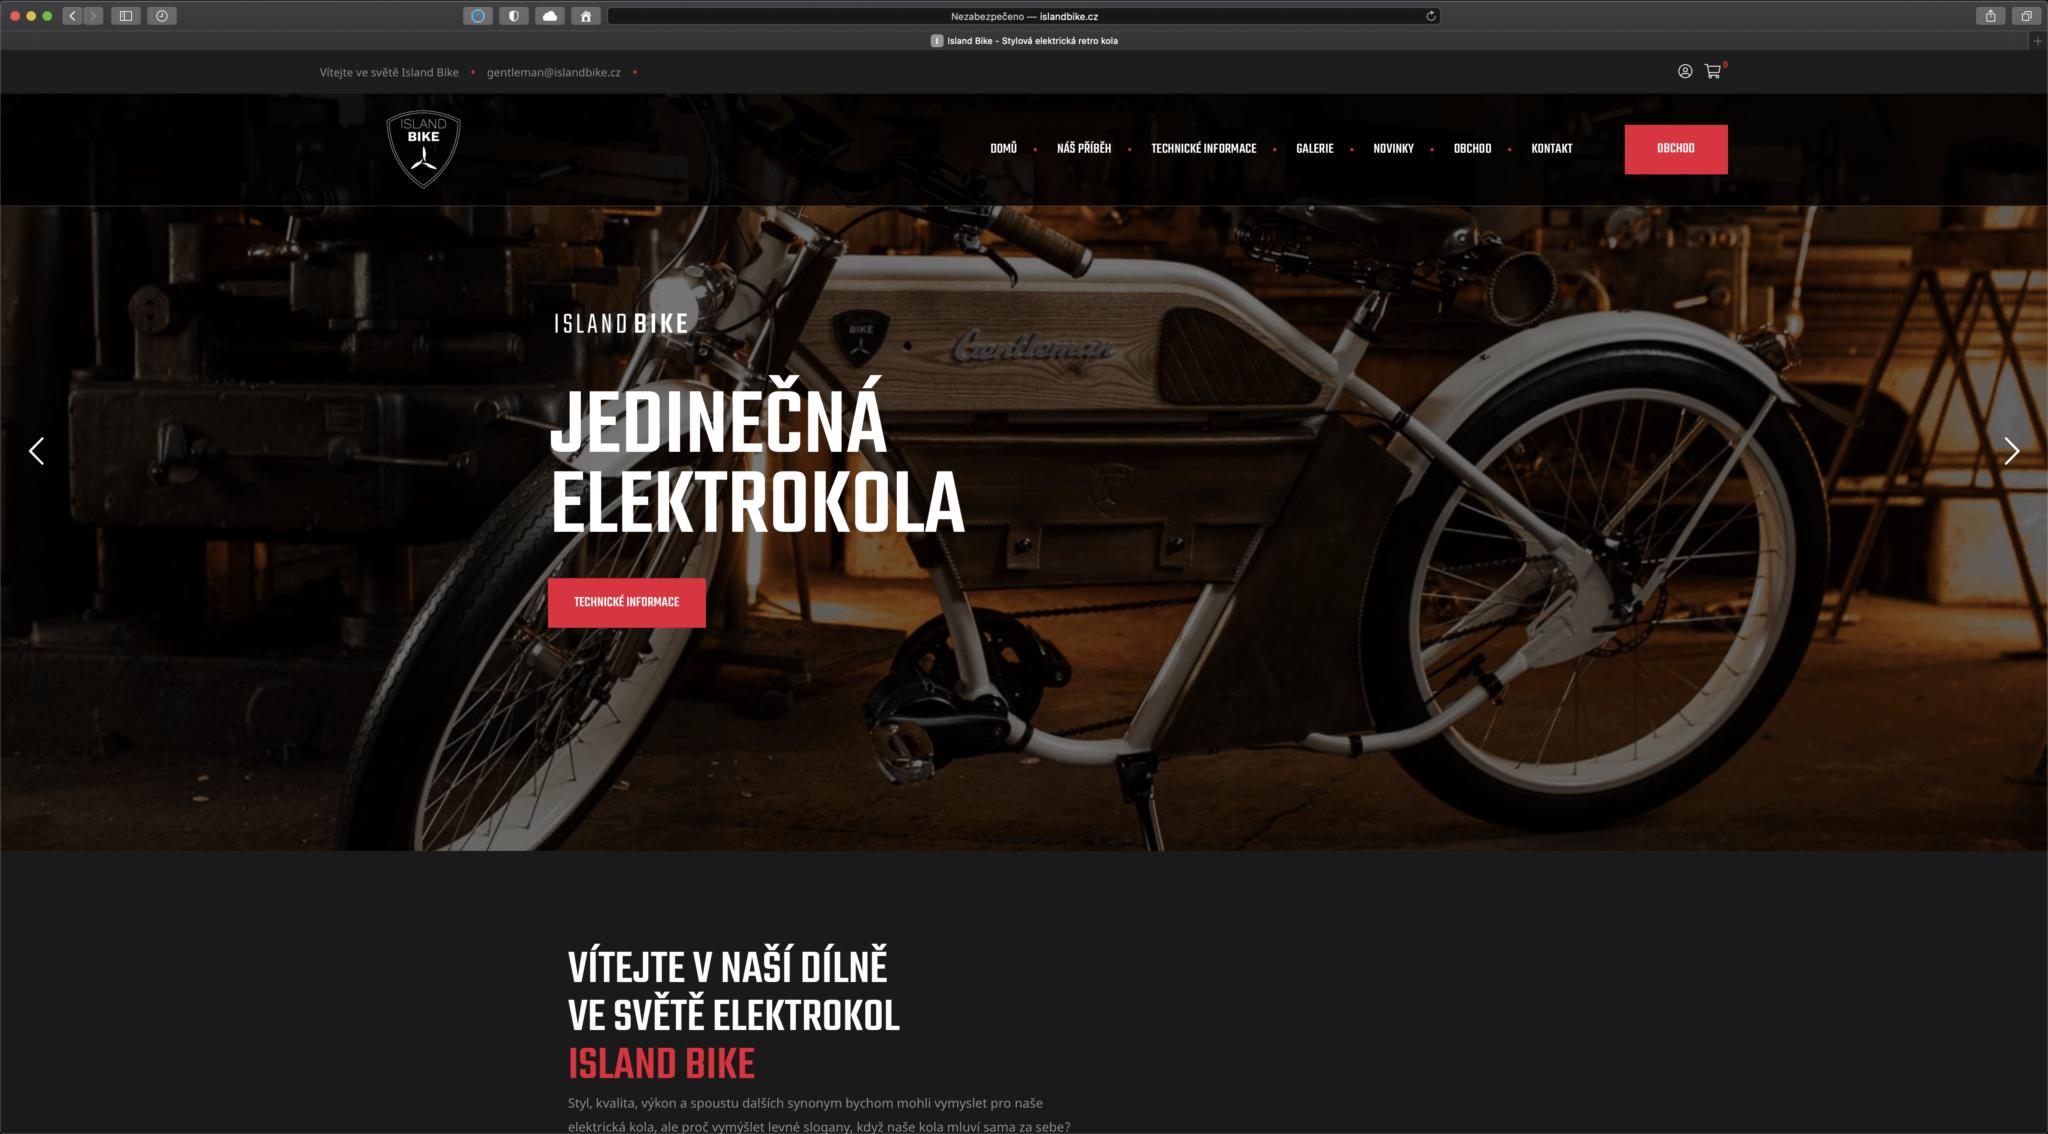 IslandBike.cz